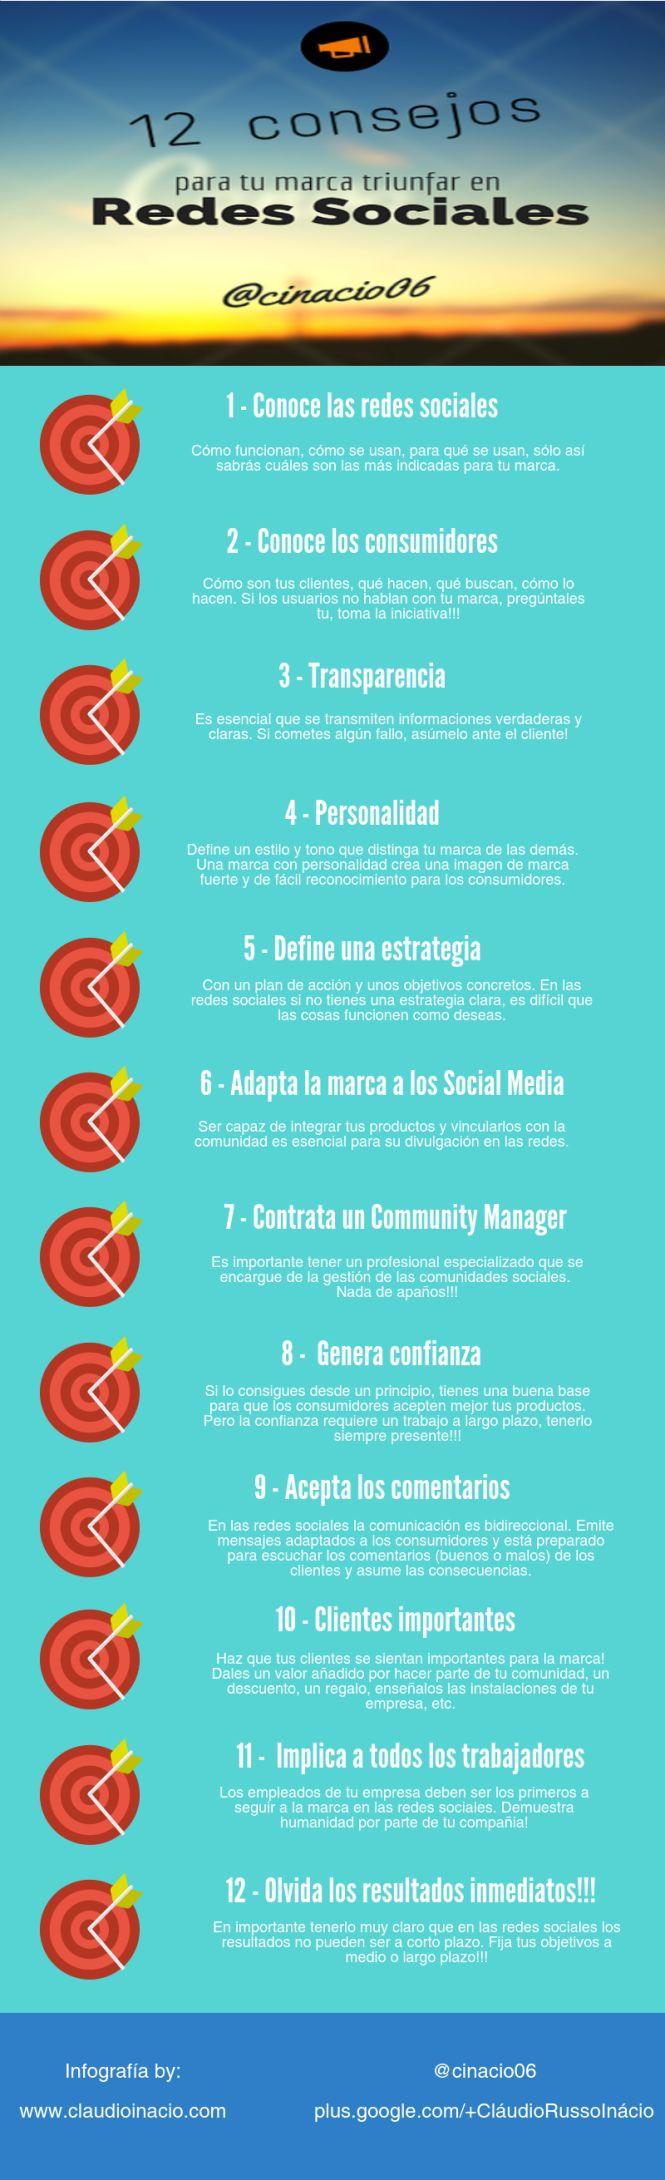 12 consejos para tu marca triunfar en Redes Sociales